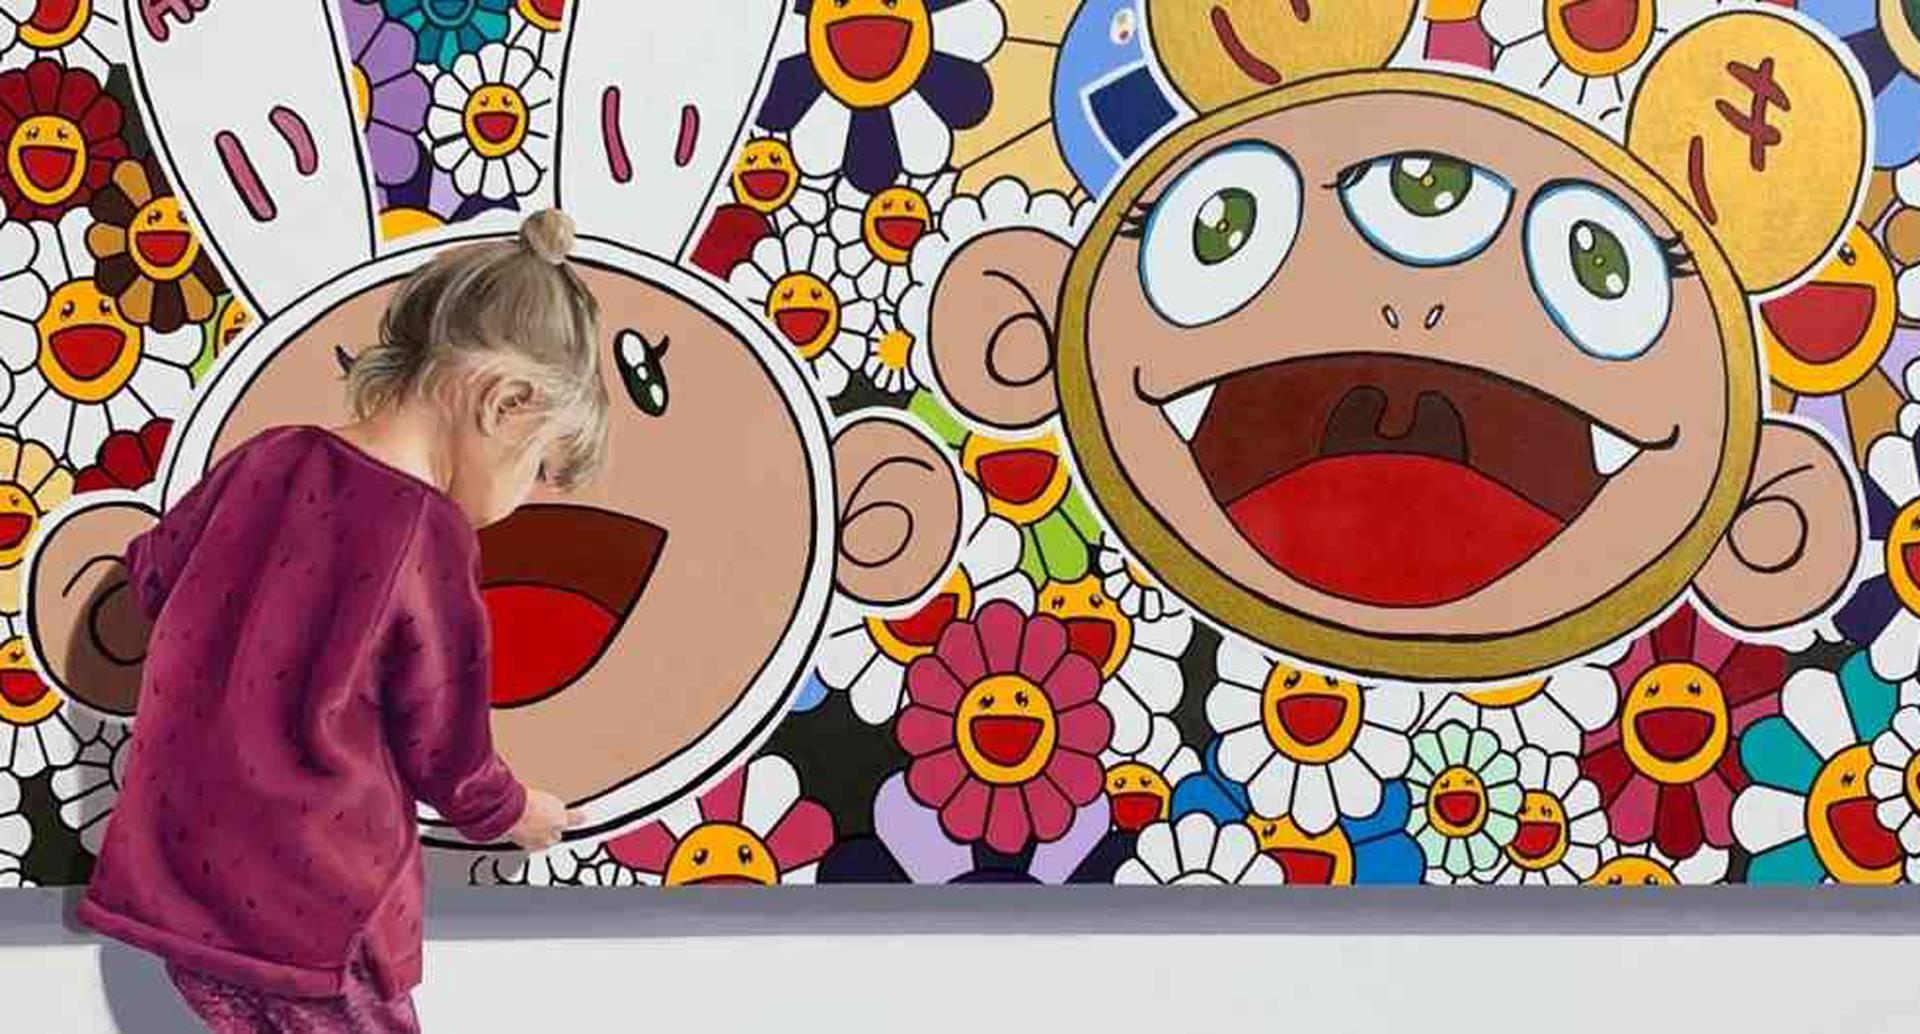 Los niños siempre están presentes en la obra de Javier Caraballo.